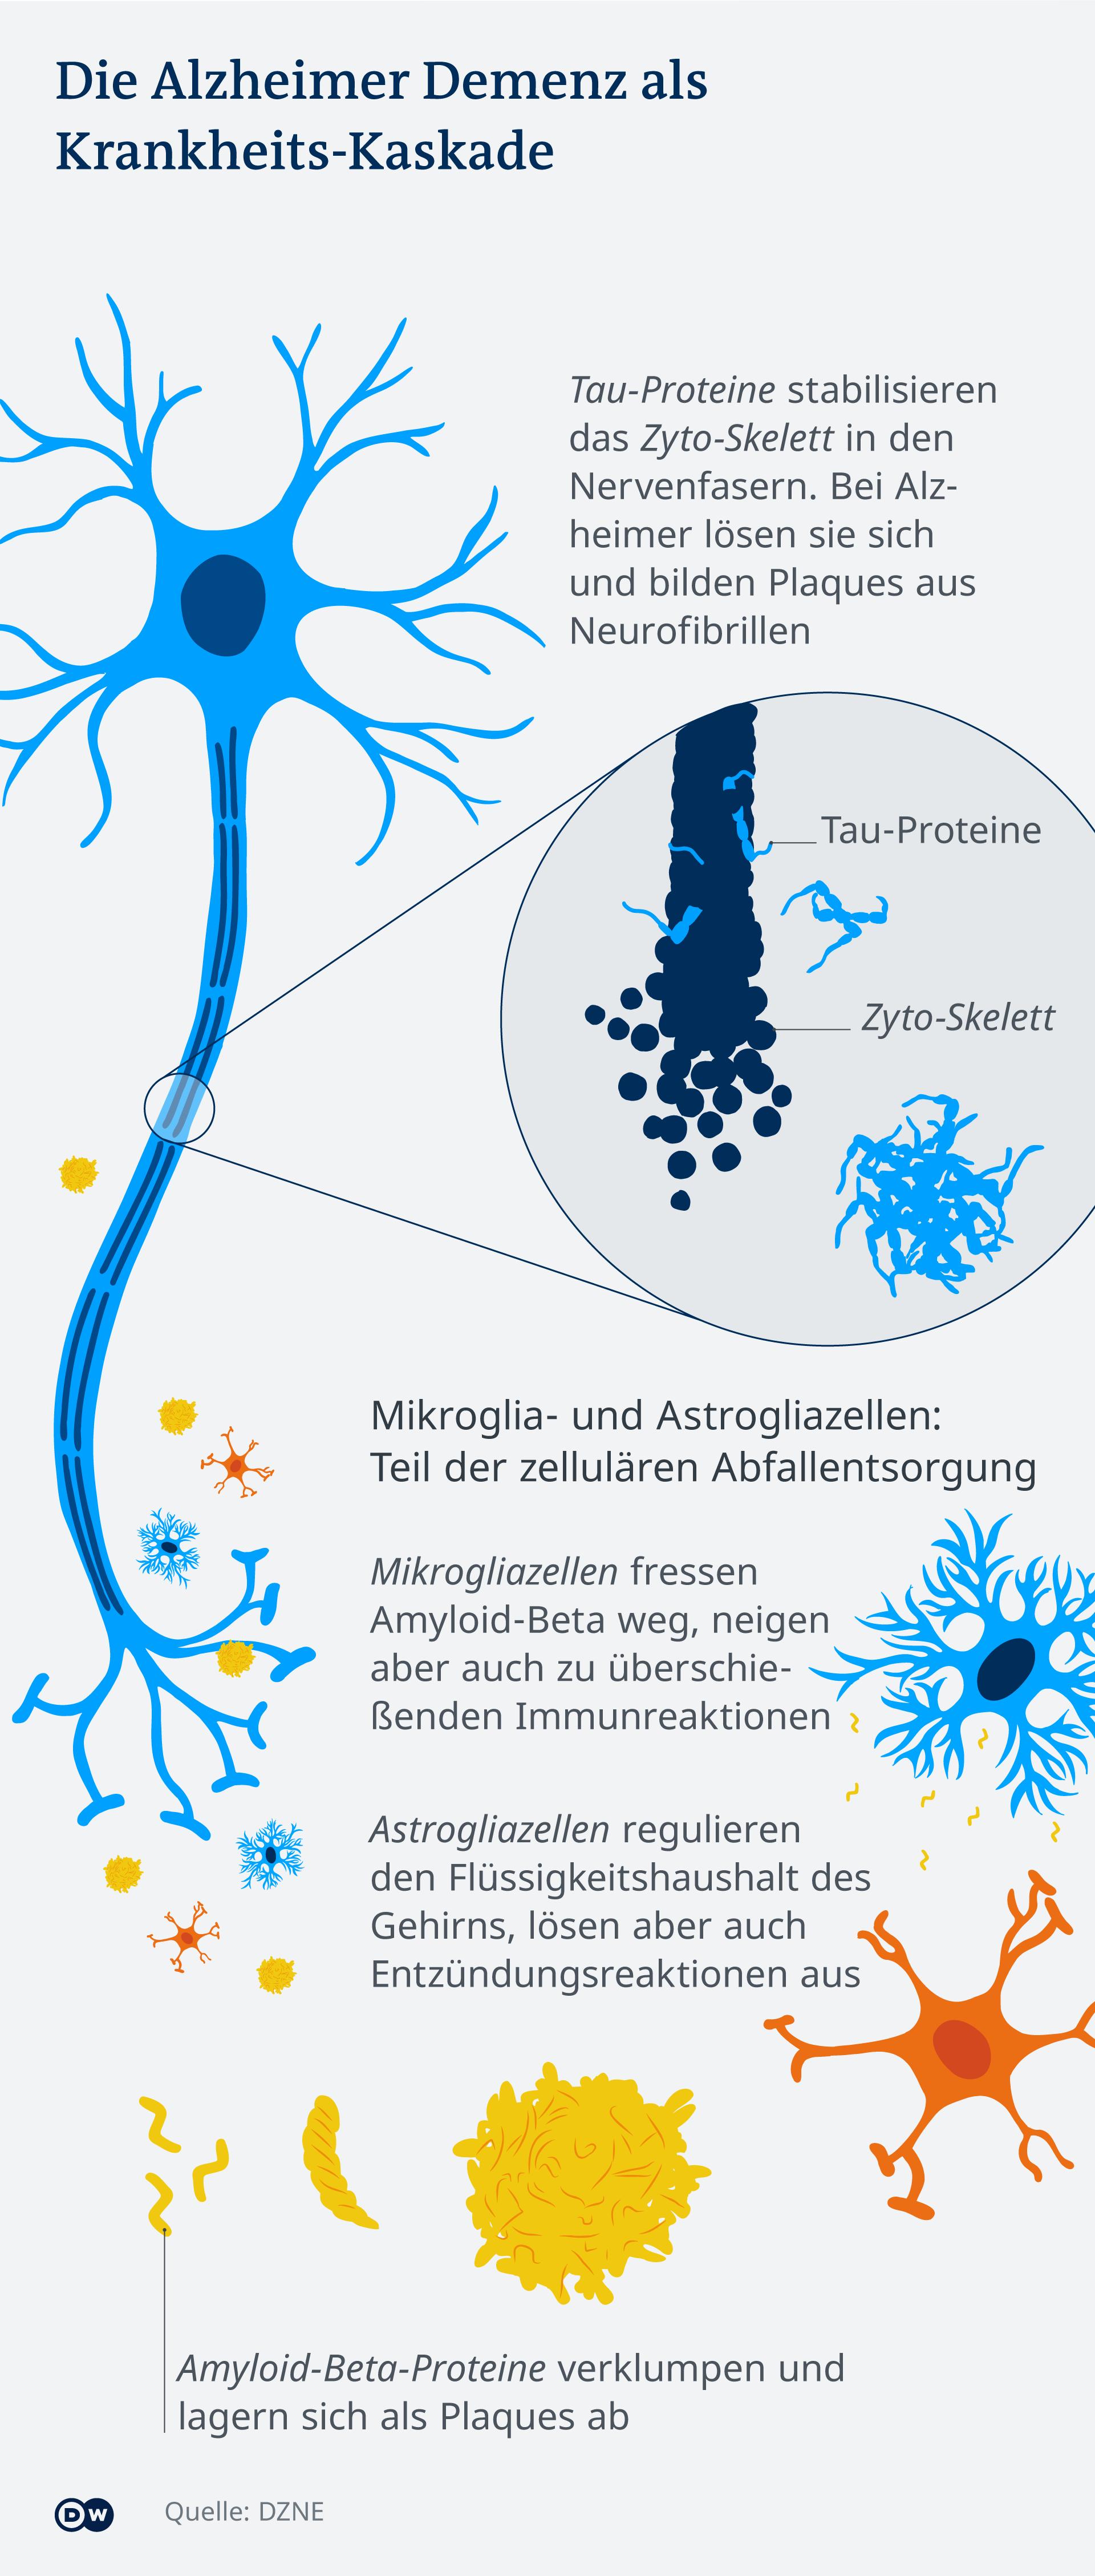 Infografik Die Alzheimer Demenz als Krankheits-Kaskade. Darin zu sehen sind Nervenzellen die von Tau und Amyloid-beta Proteinen, die sich ablagern, angegriffen und zerstört werden. Dazu sind Mikrogliazellen und Astrogliazellen abgebildet. Mikrogliazellen fressen Amyloid-beta weg, neigen aber auch zu überschießenden Immunreaktionen. Astrogliazellen regulieren den Flüssigkeitsgehalt des Gehirns lösen aber auch Entzündungsreaktionen aus.